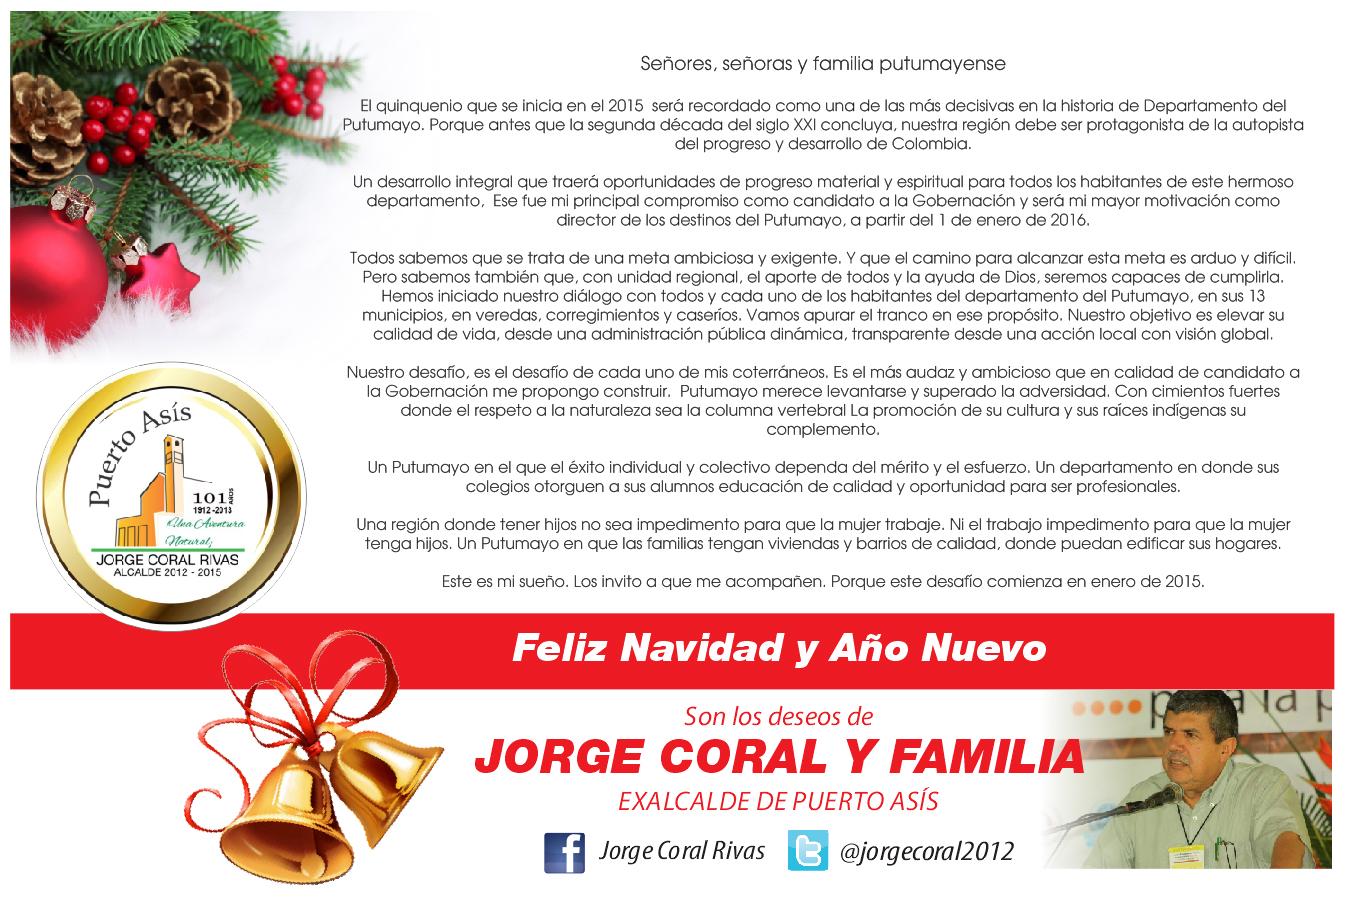 Mensaje de Navidad para el Putumayo – Jorge Coral Rivas